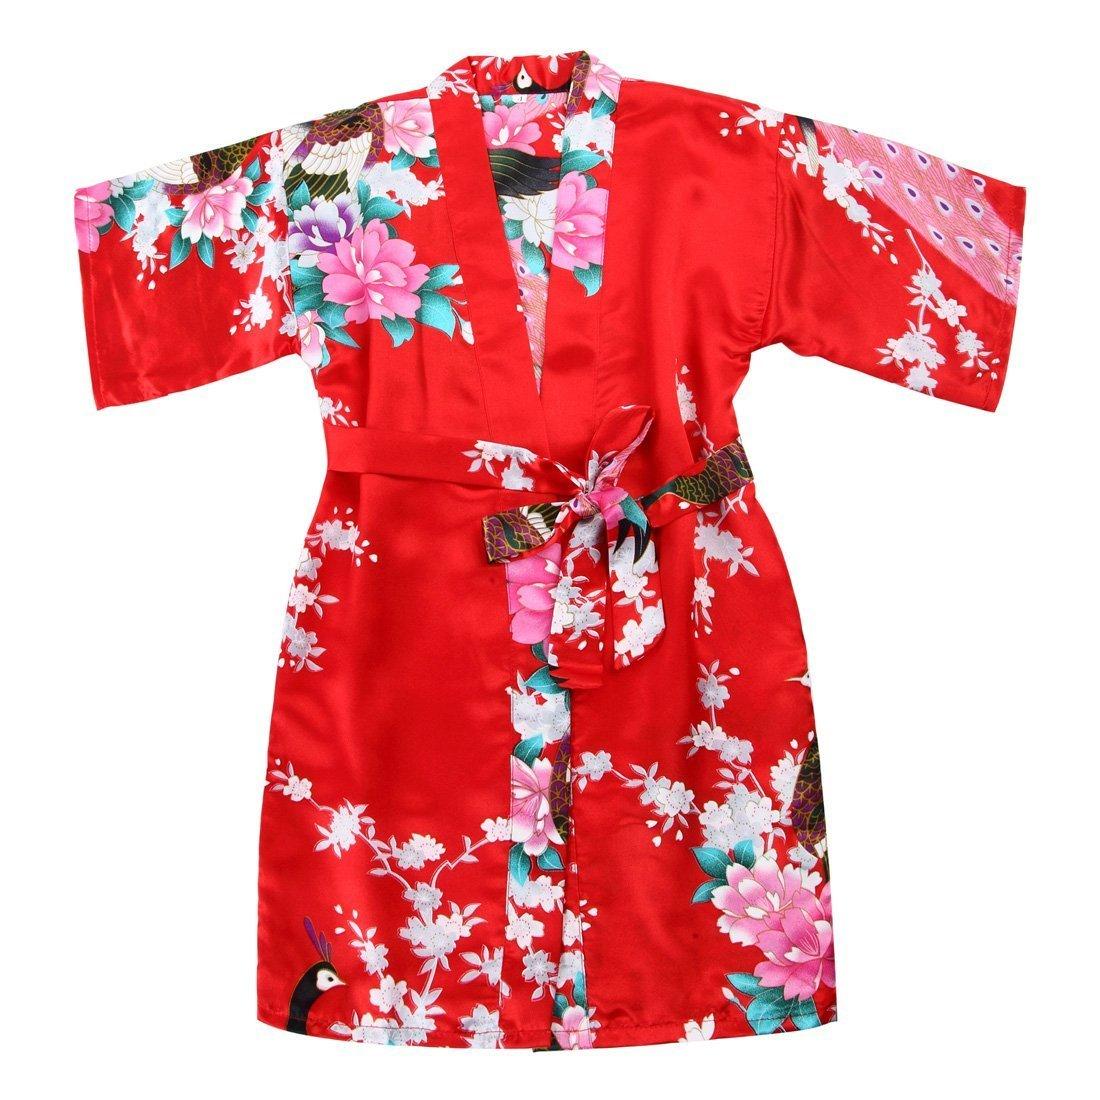 Toddler Girls' Satin Kimono Robe Peacock Blossoms Bathrobes Weeding Gown Spa Wedding Birthday Ages 1-12